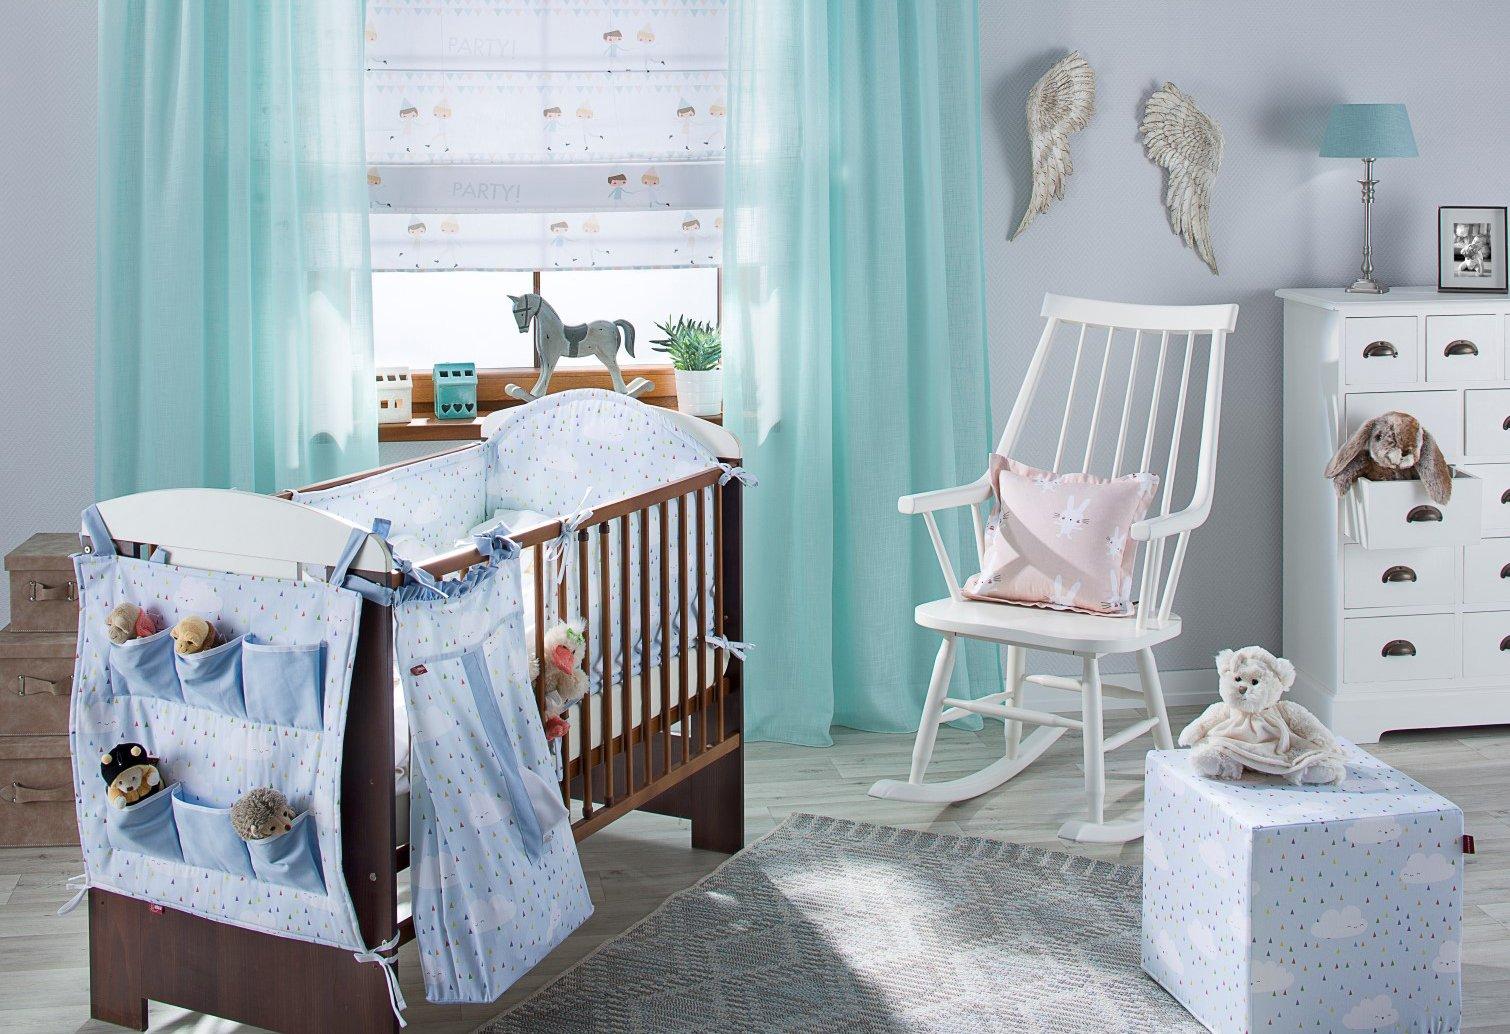 Vaikų kambarys - Apanona kolekcija